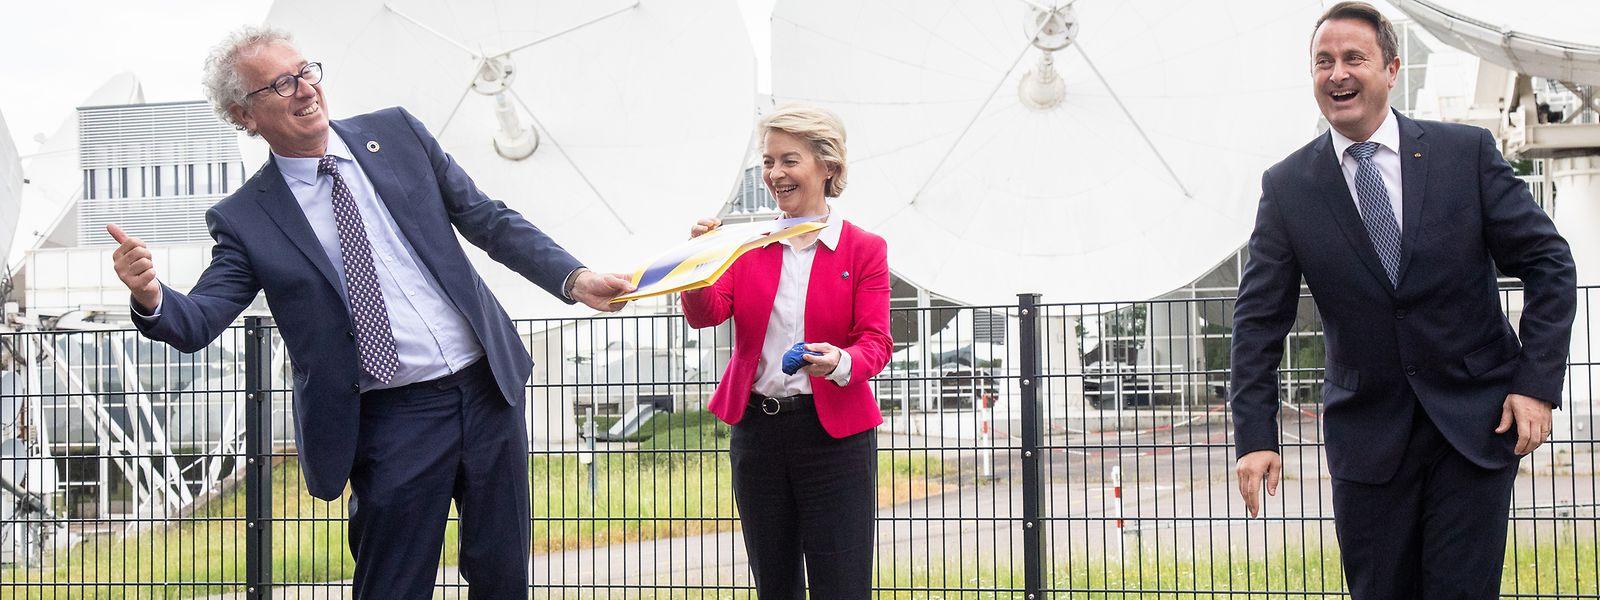 Le ministre des Finances et Xavier Bettel peuvent garder le sourire : la Commission présidée par Ursula von der Leyen n'a pas oublié le pays.